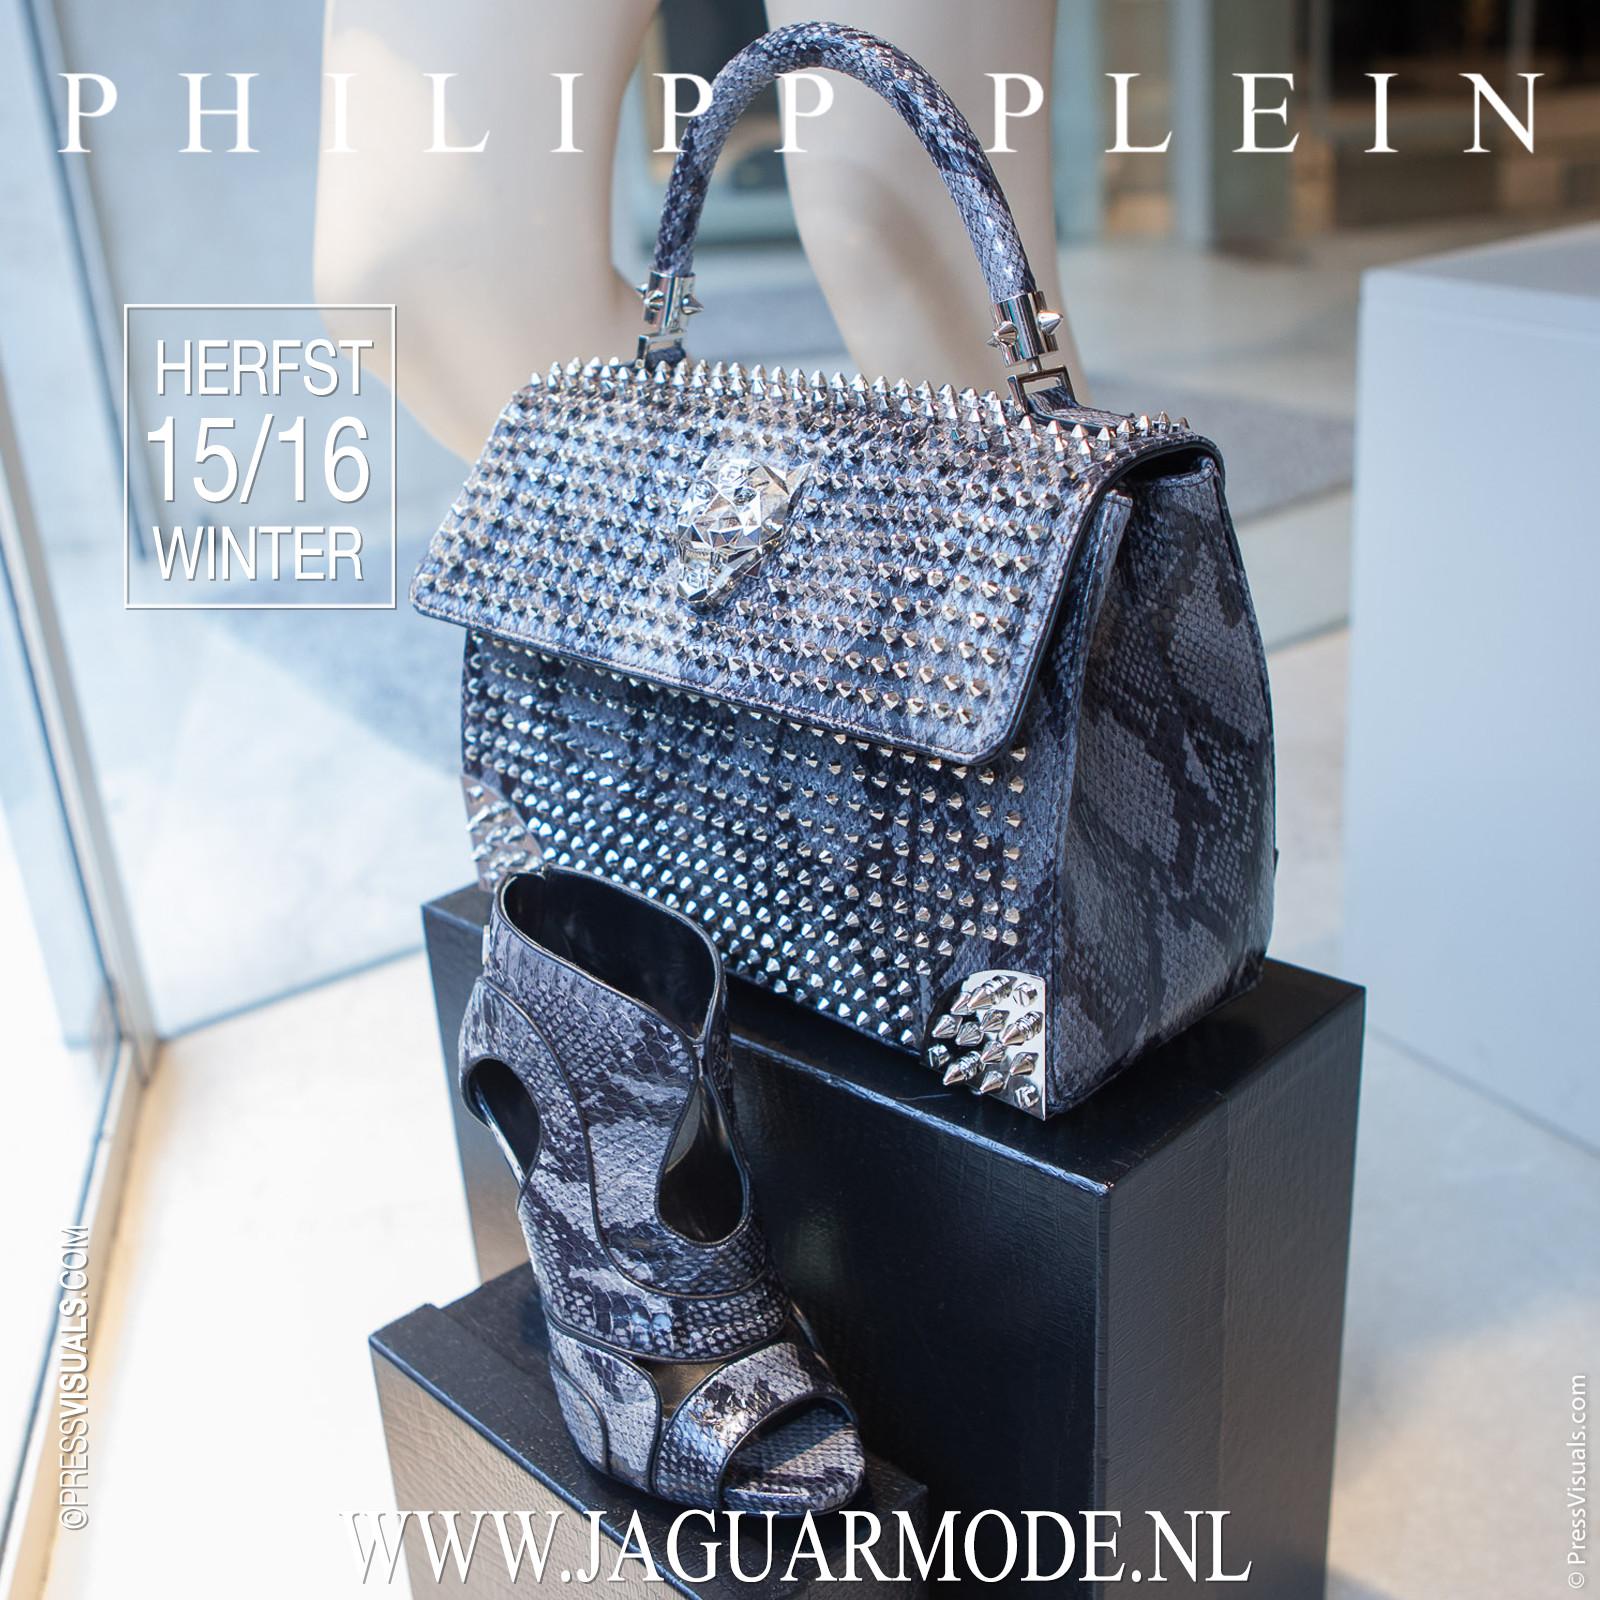 Philipp Plein tas en schoenen